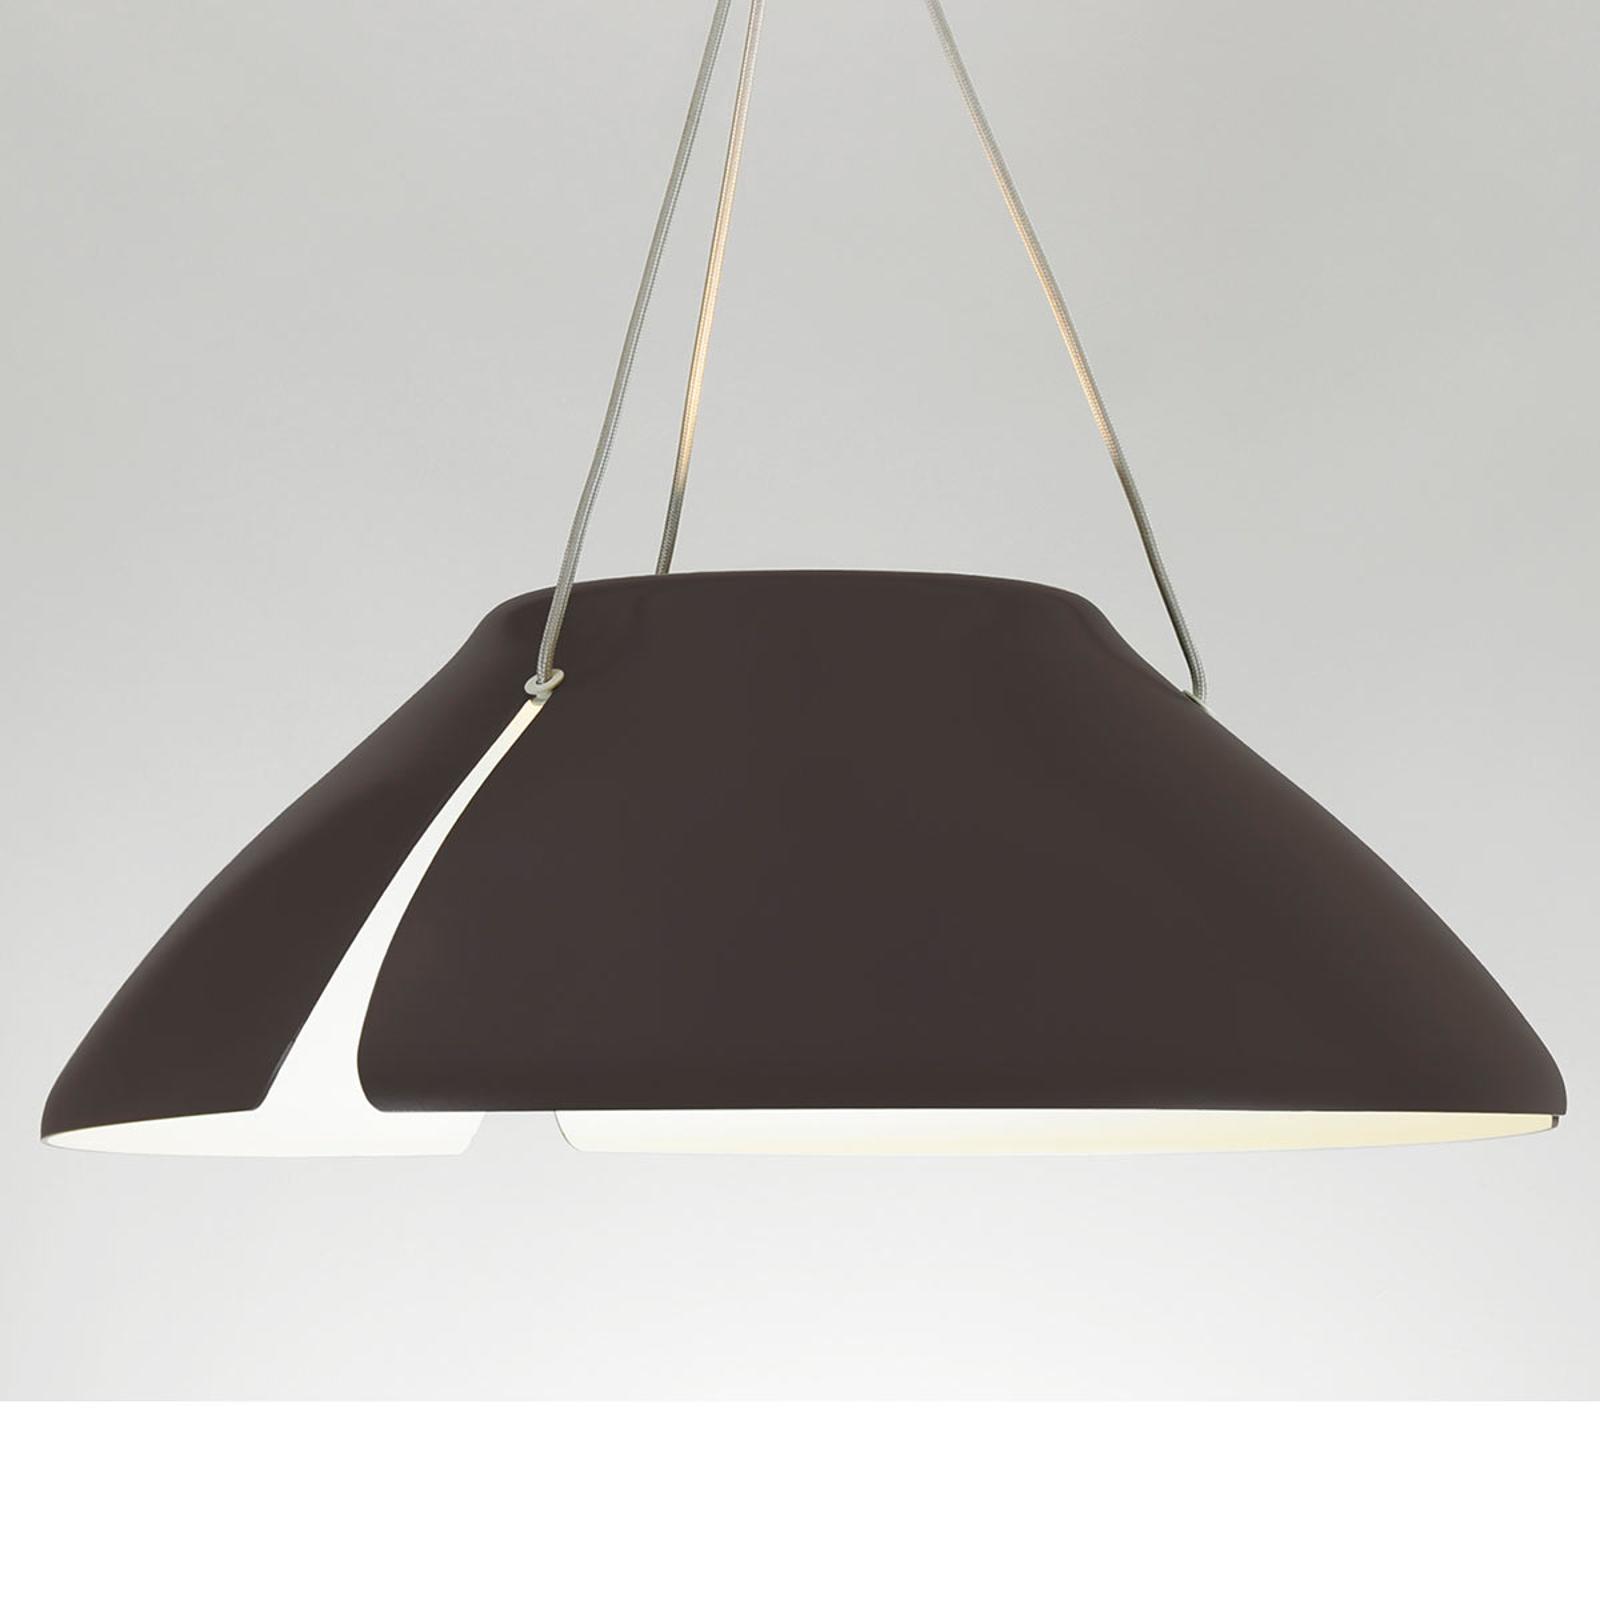 Braune LED-Hängeleuchte Gingko S50 50 cm